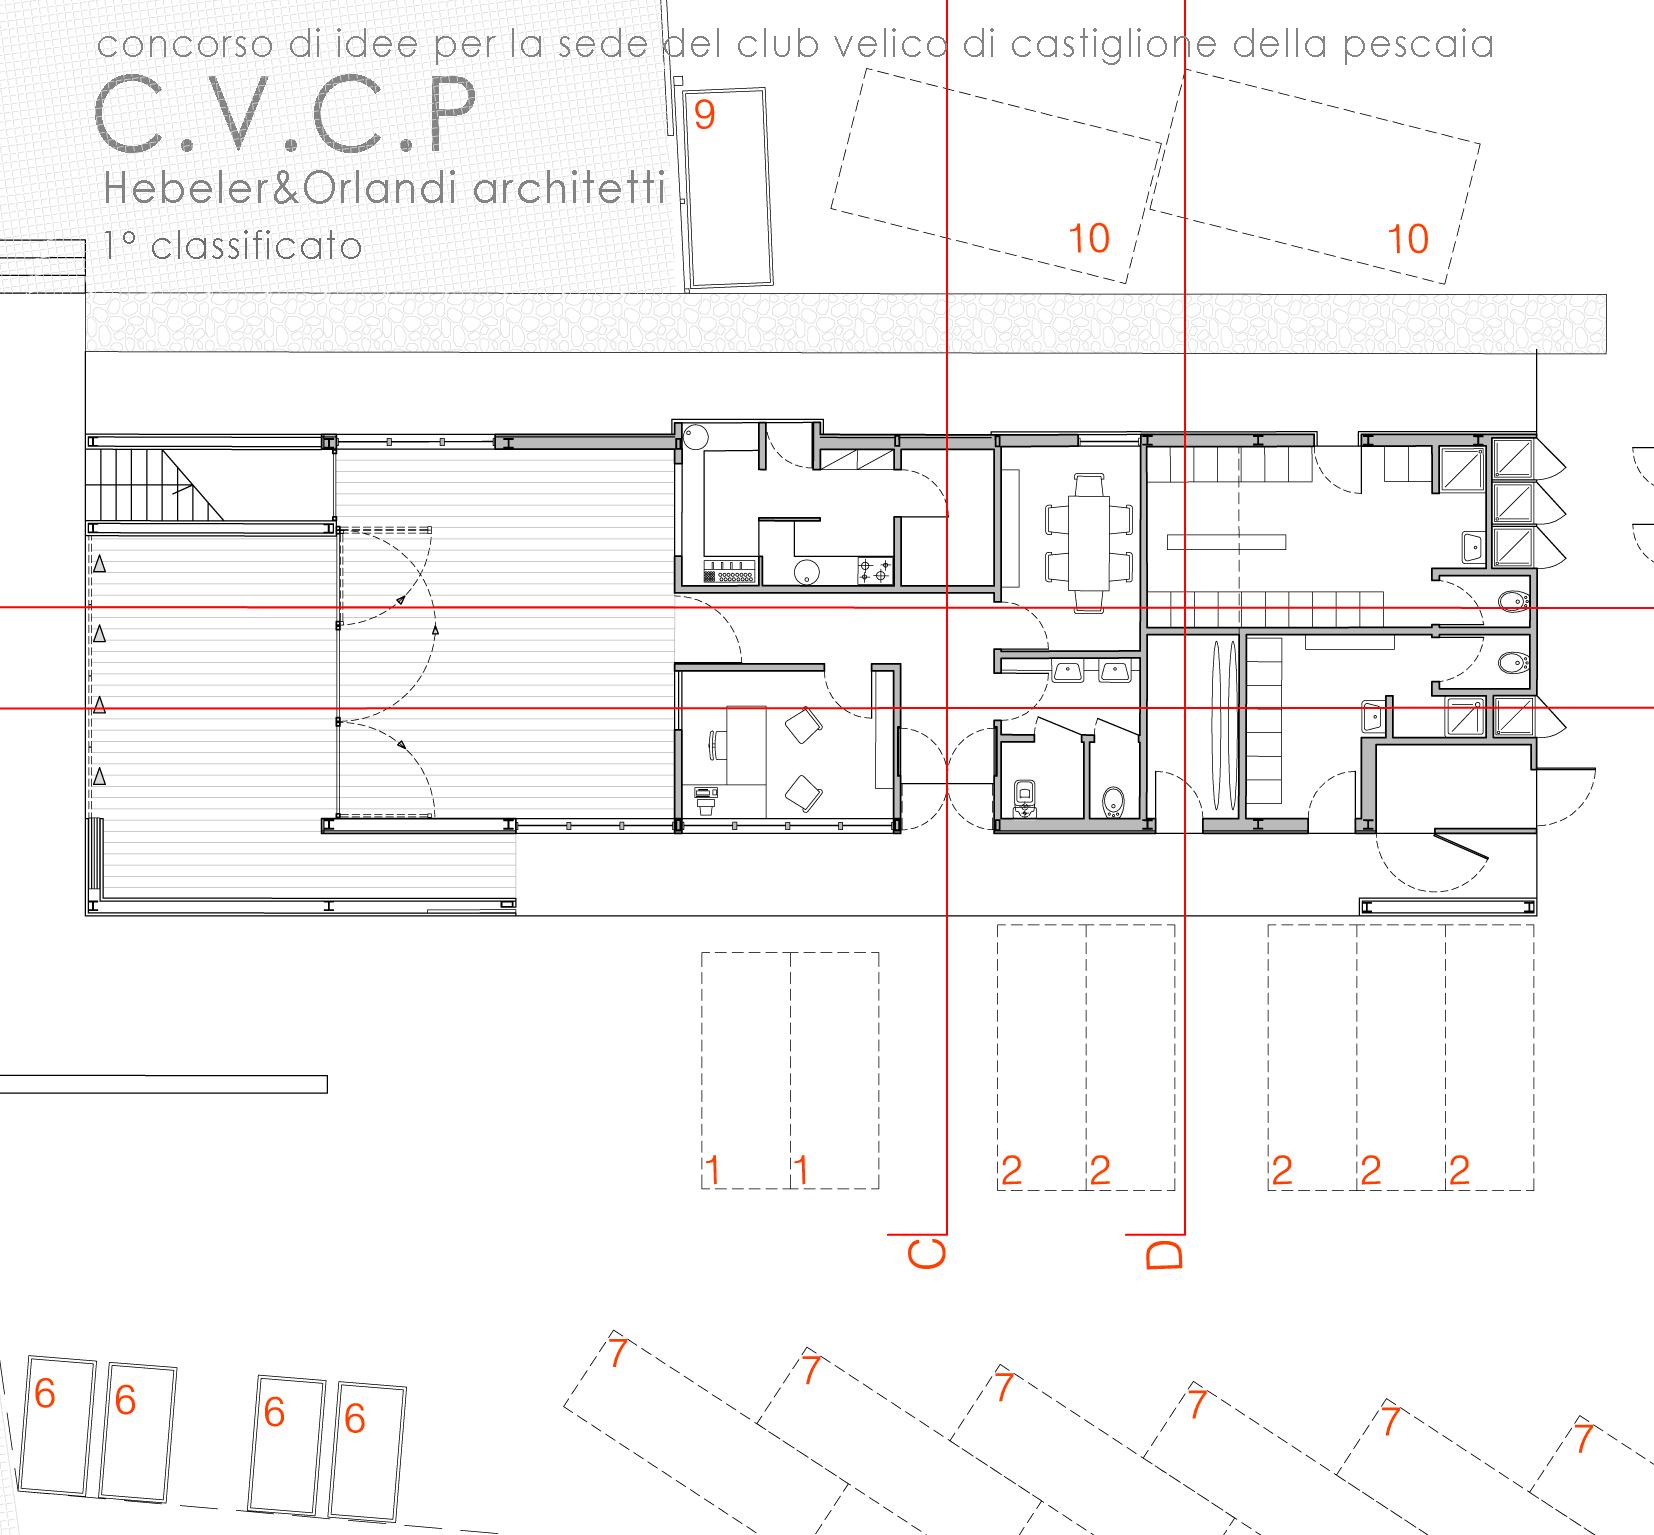 cvcp-pianta-1edificio-a